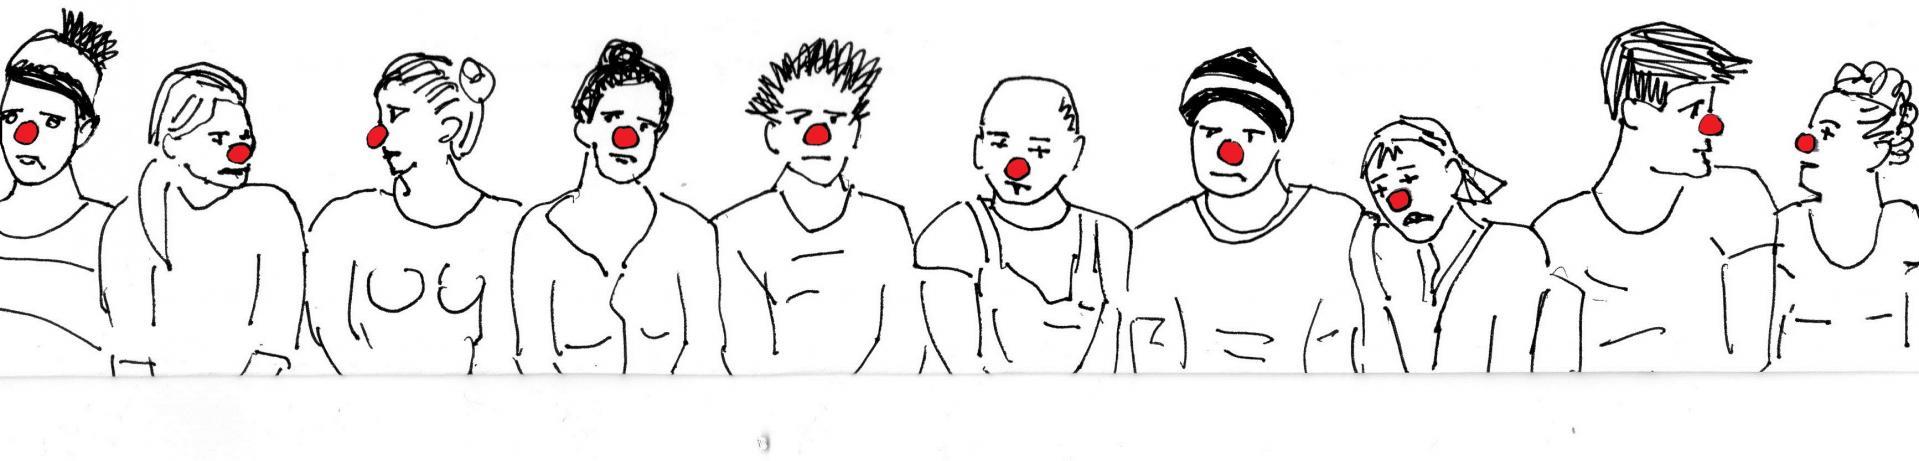 Fresque clown 1